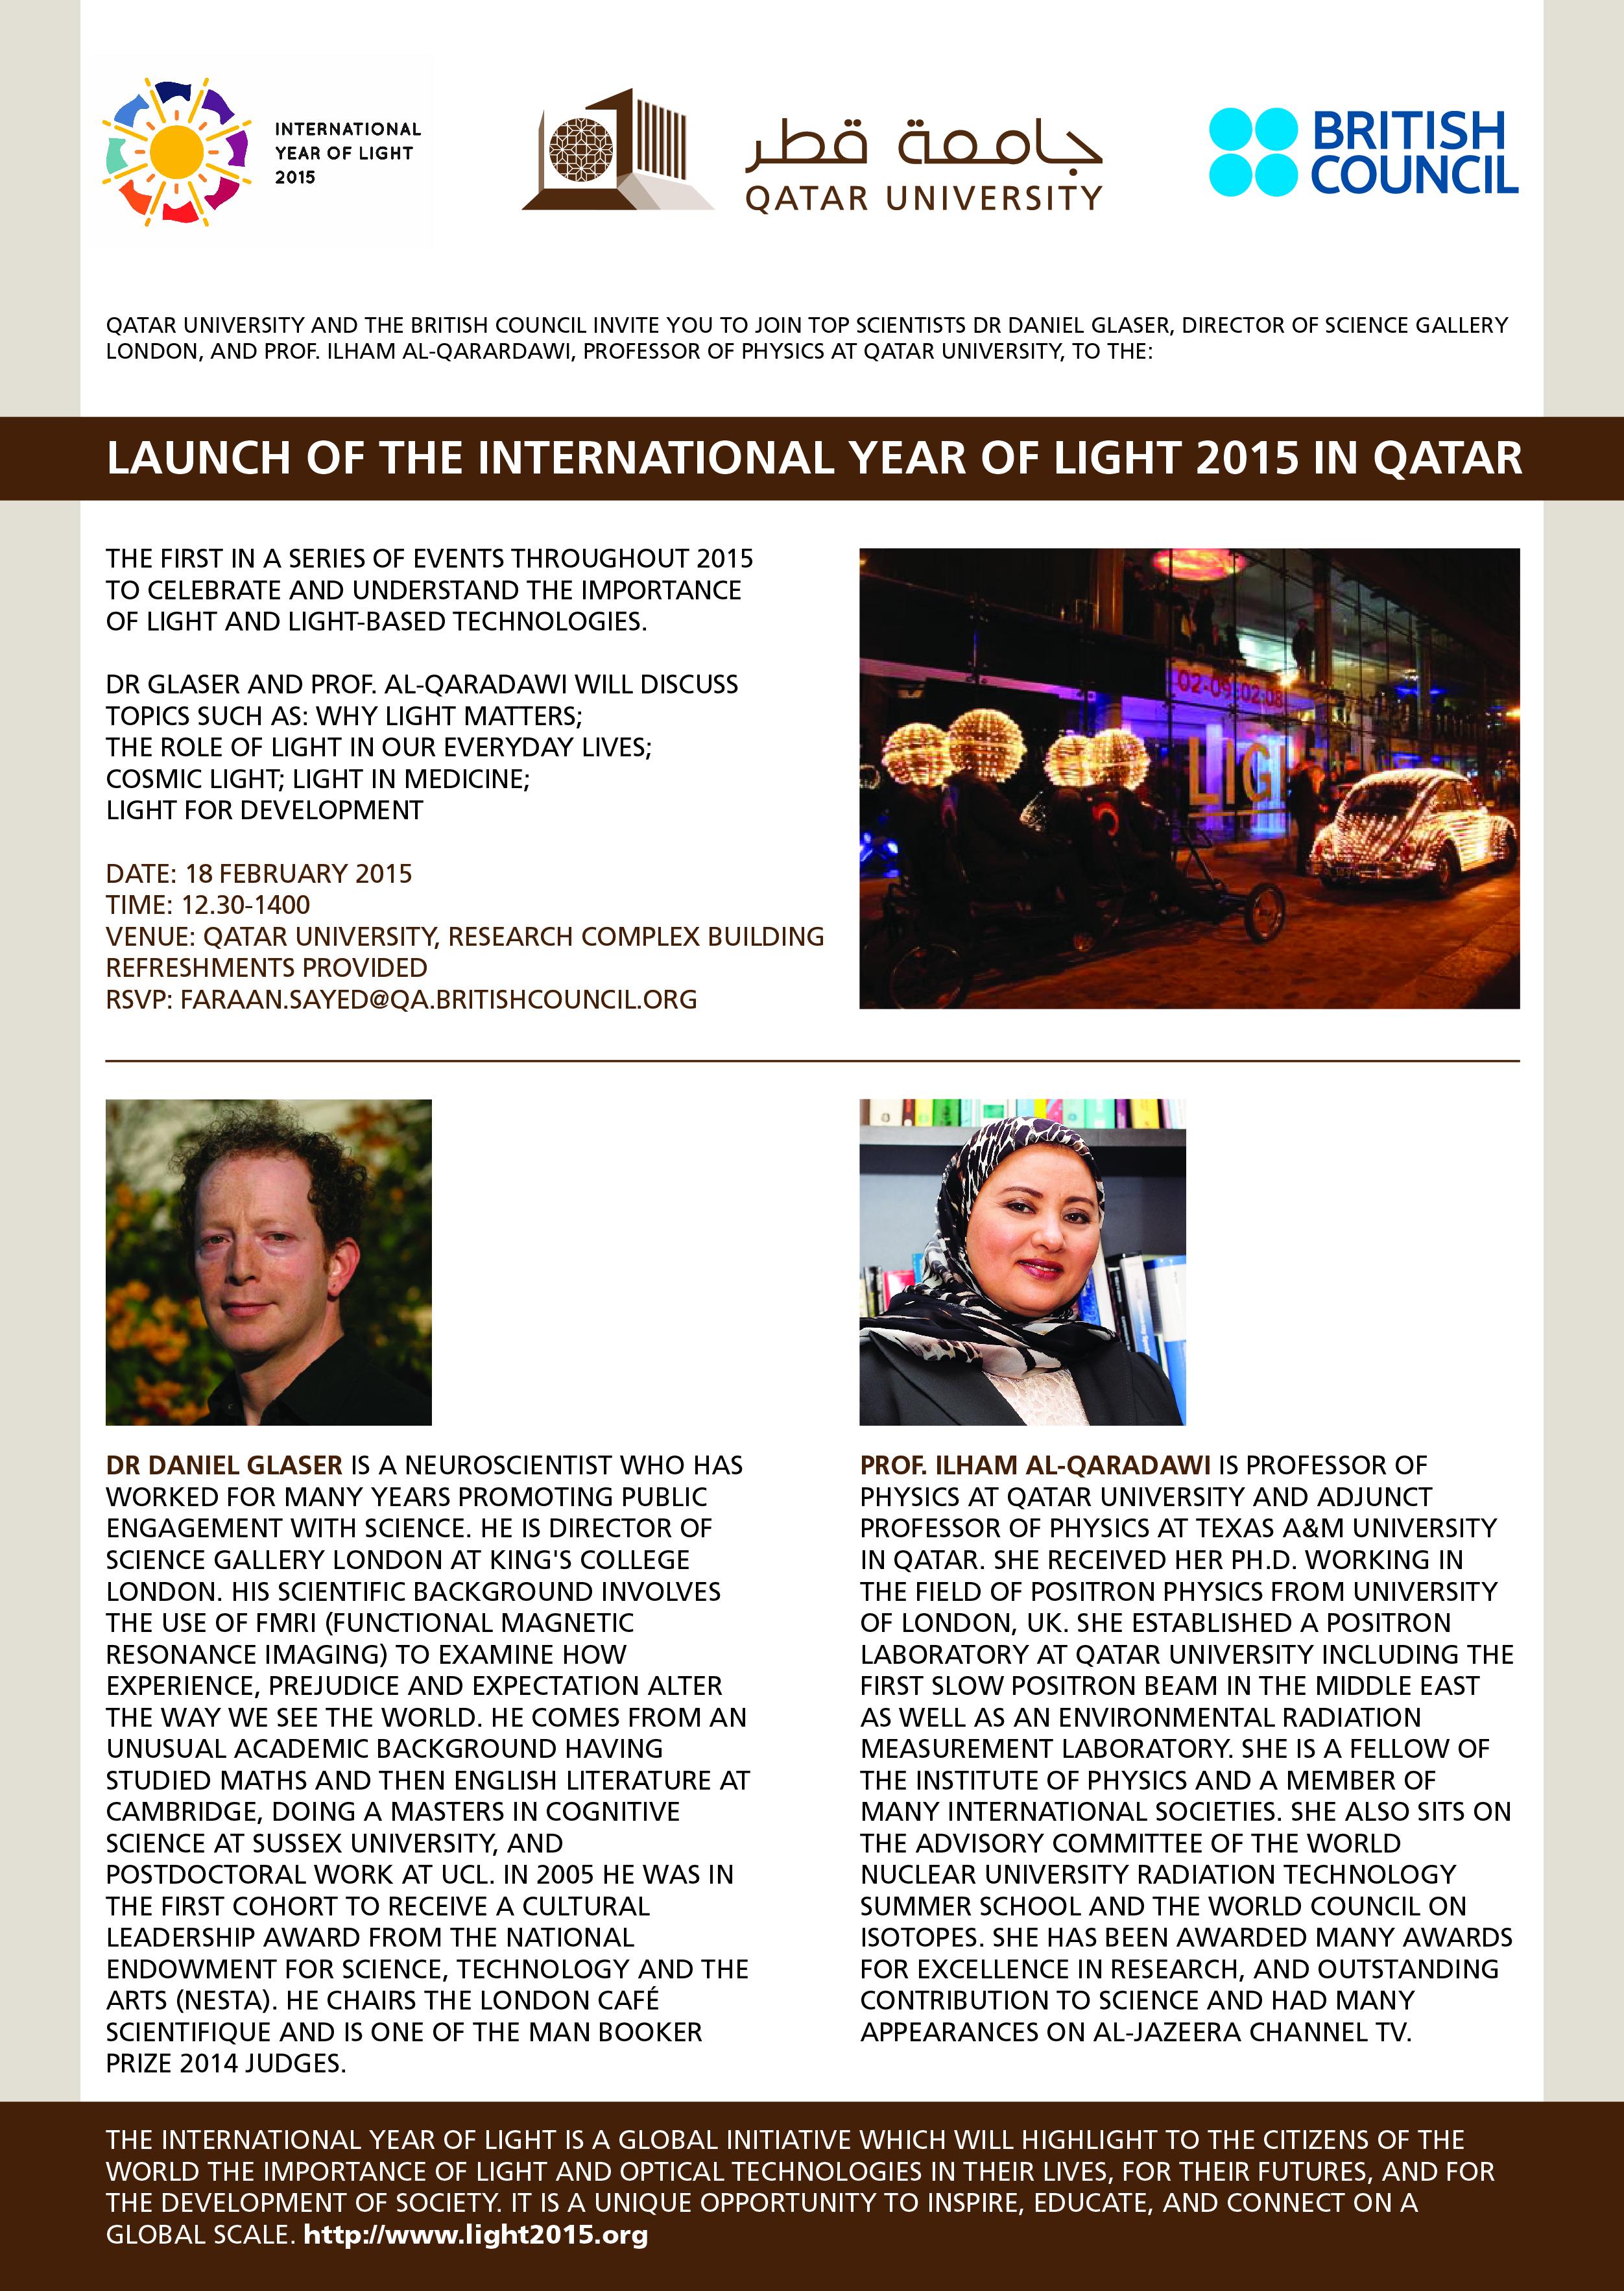 IYL-2015-Qatar-Flyer